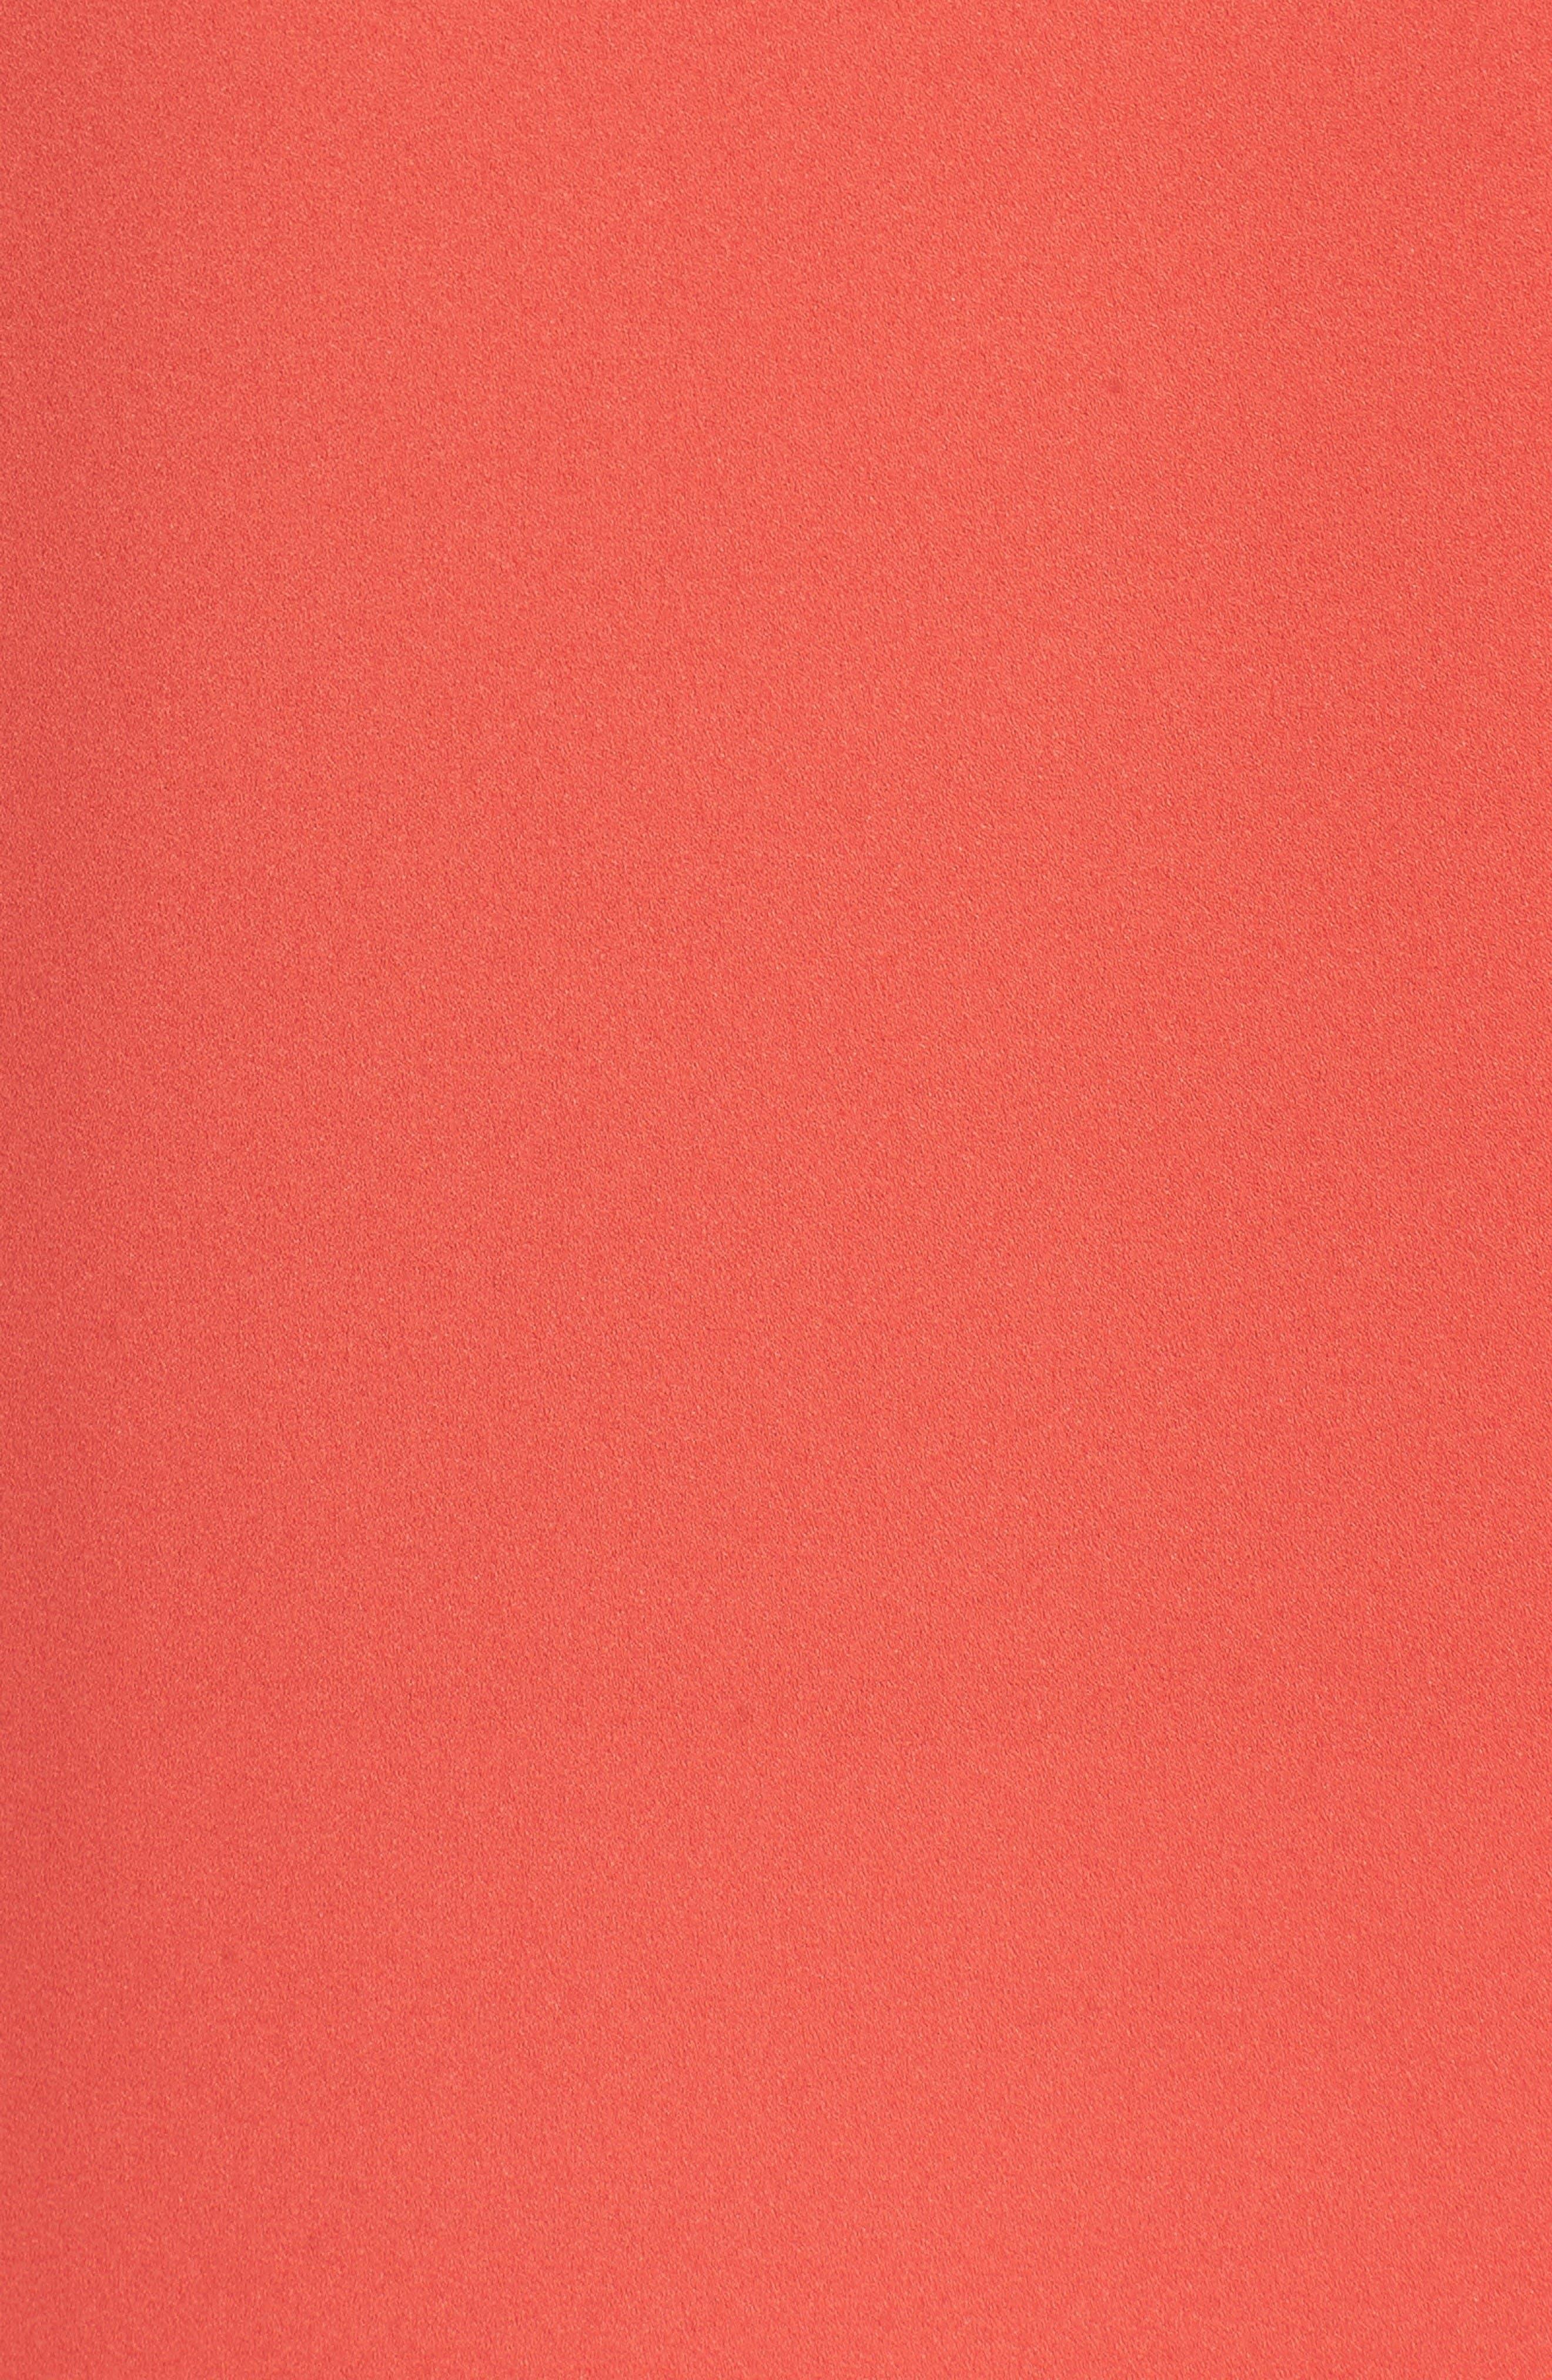 Agatha Ruffle Blouse,                             Alternate thumbnail 5, color,                             Orange